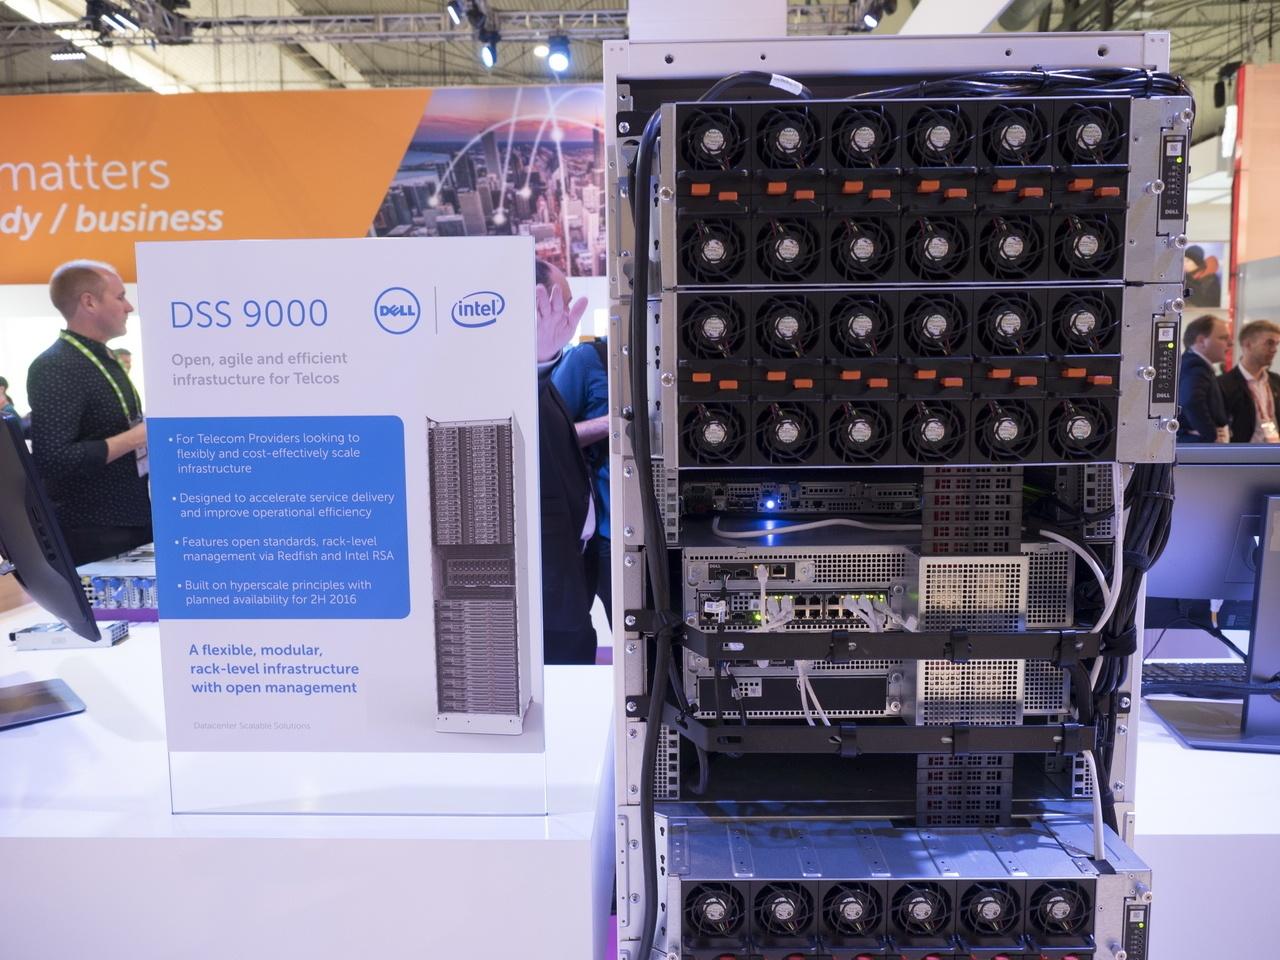 Dell на Mobile World Congress: подготовка к эпохе IoT, модульные дата-центры, OEM-решения и защищенный планшет - 4